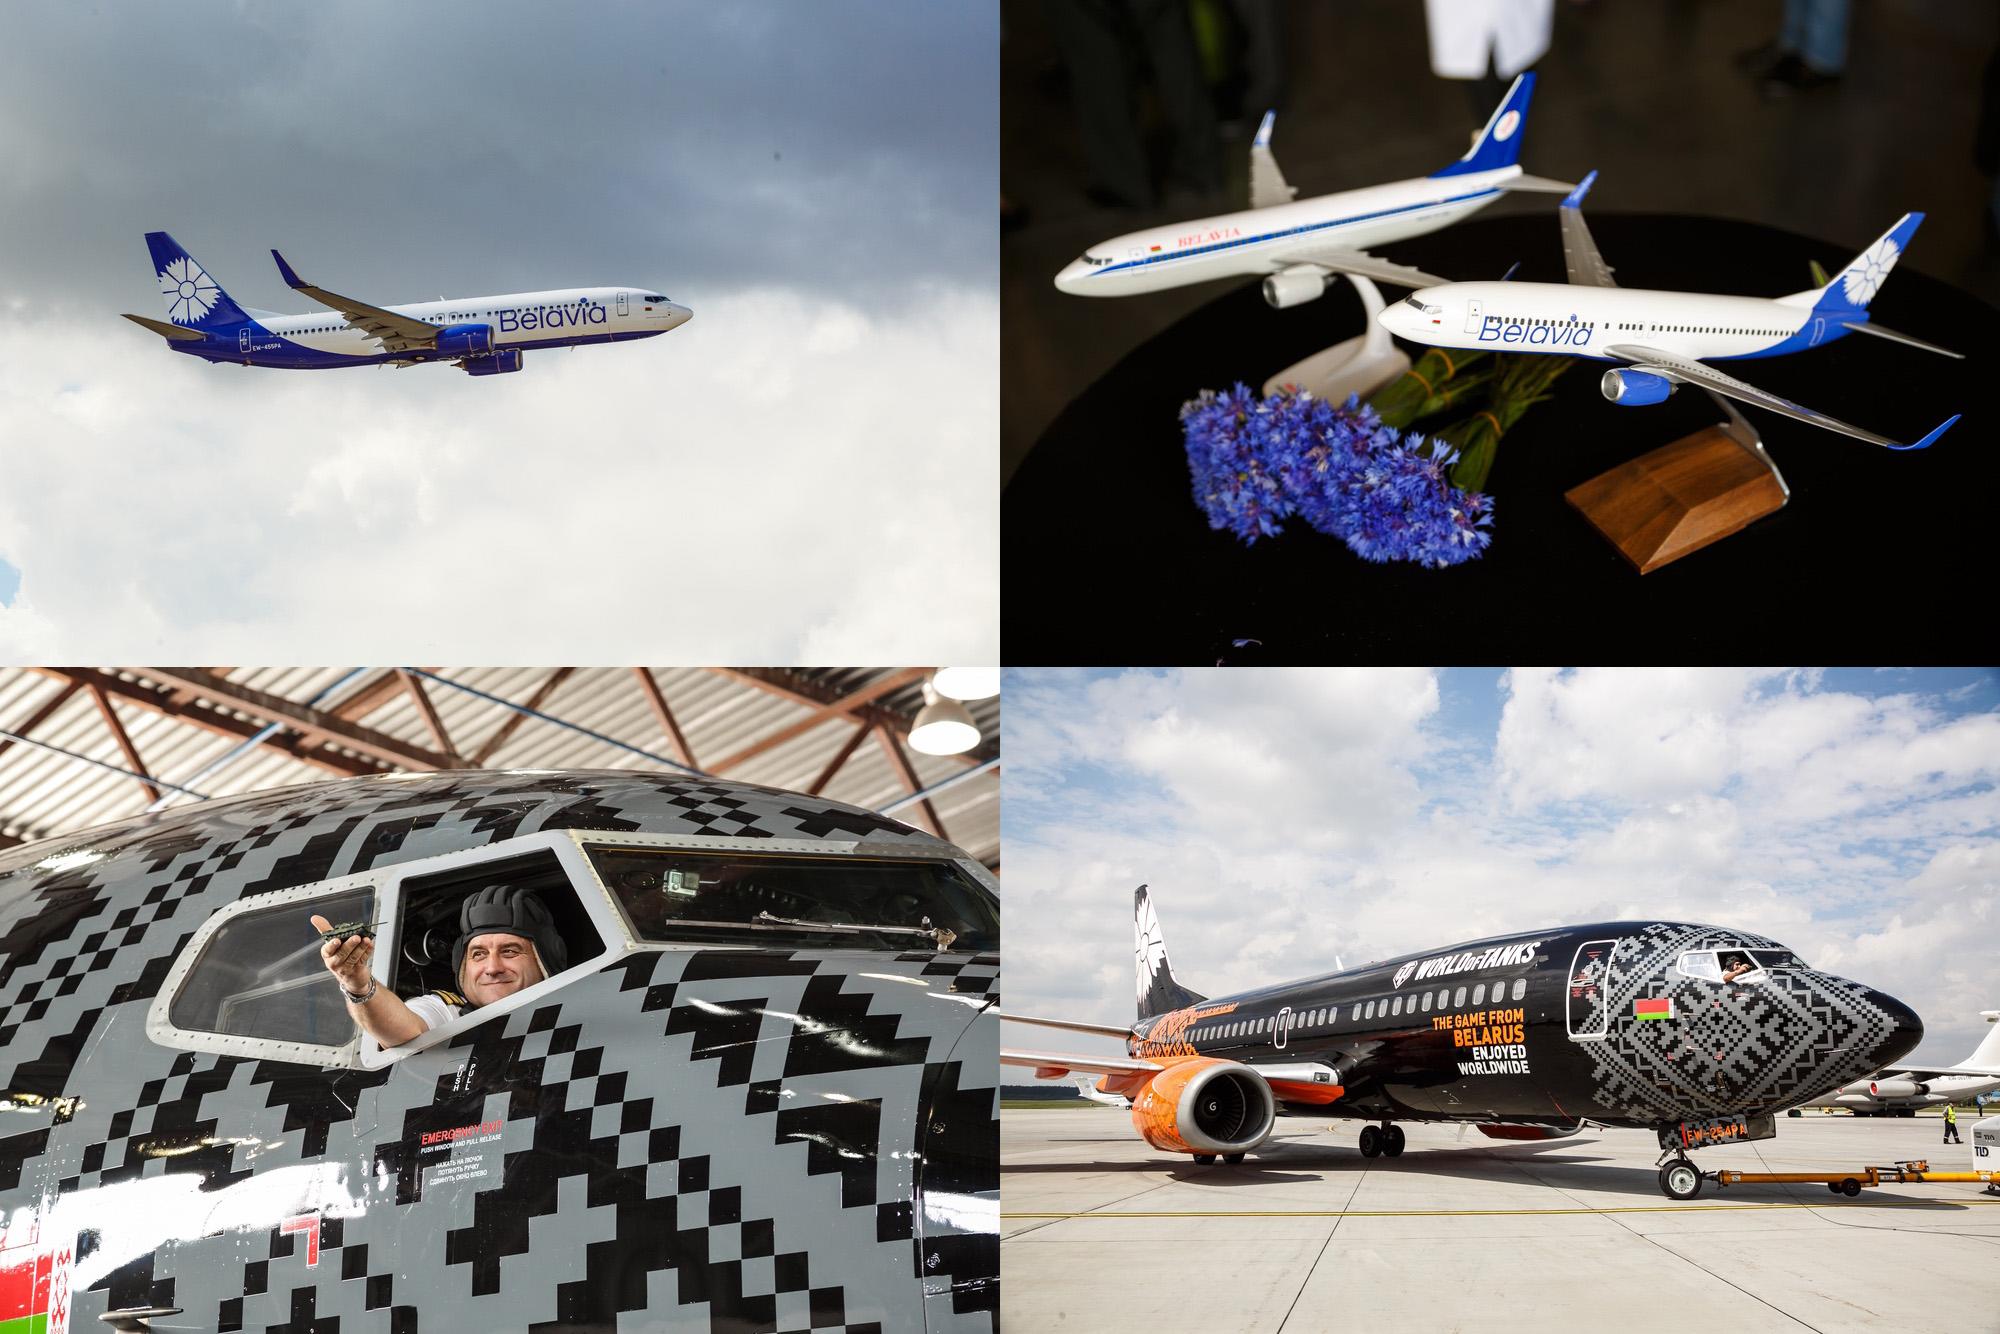 Belavia - одна компания, два дизайна. Подробный отчет о презентации новых дизайнов самолетов Белавиа